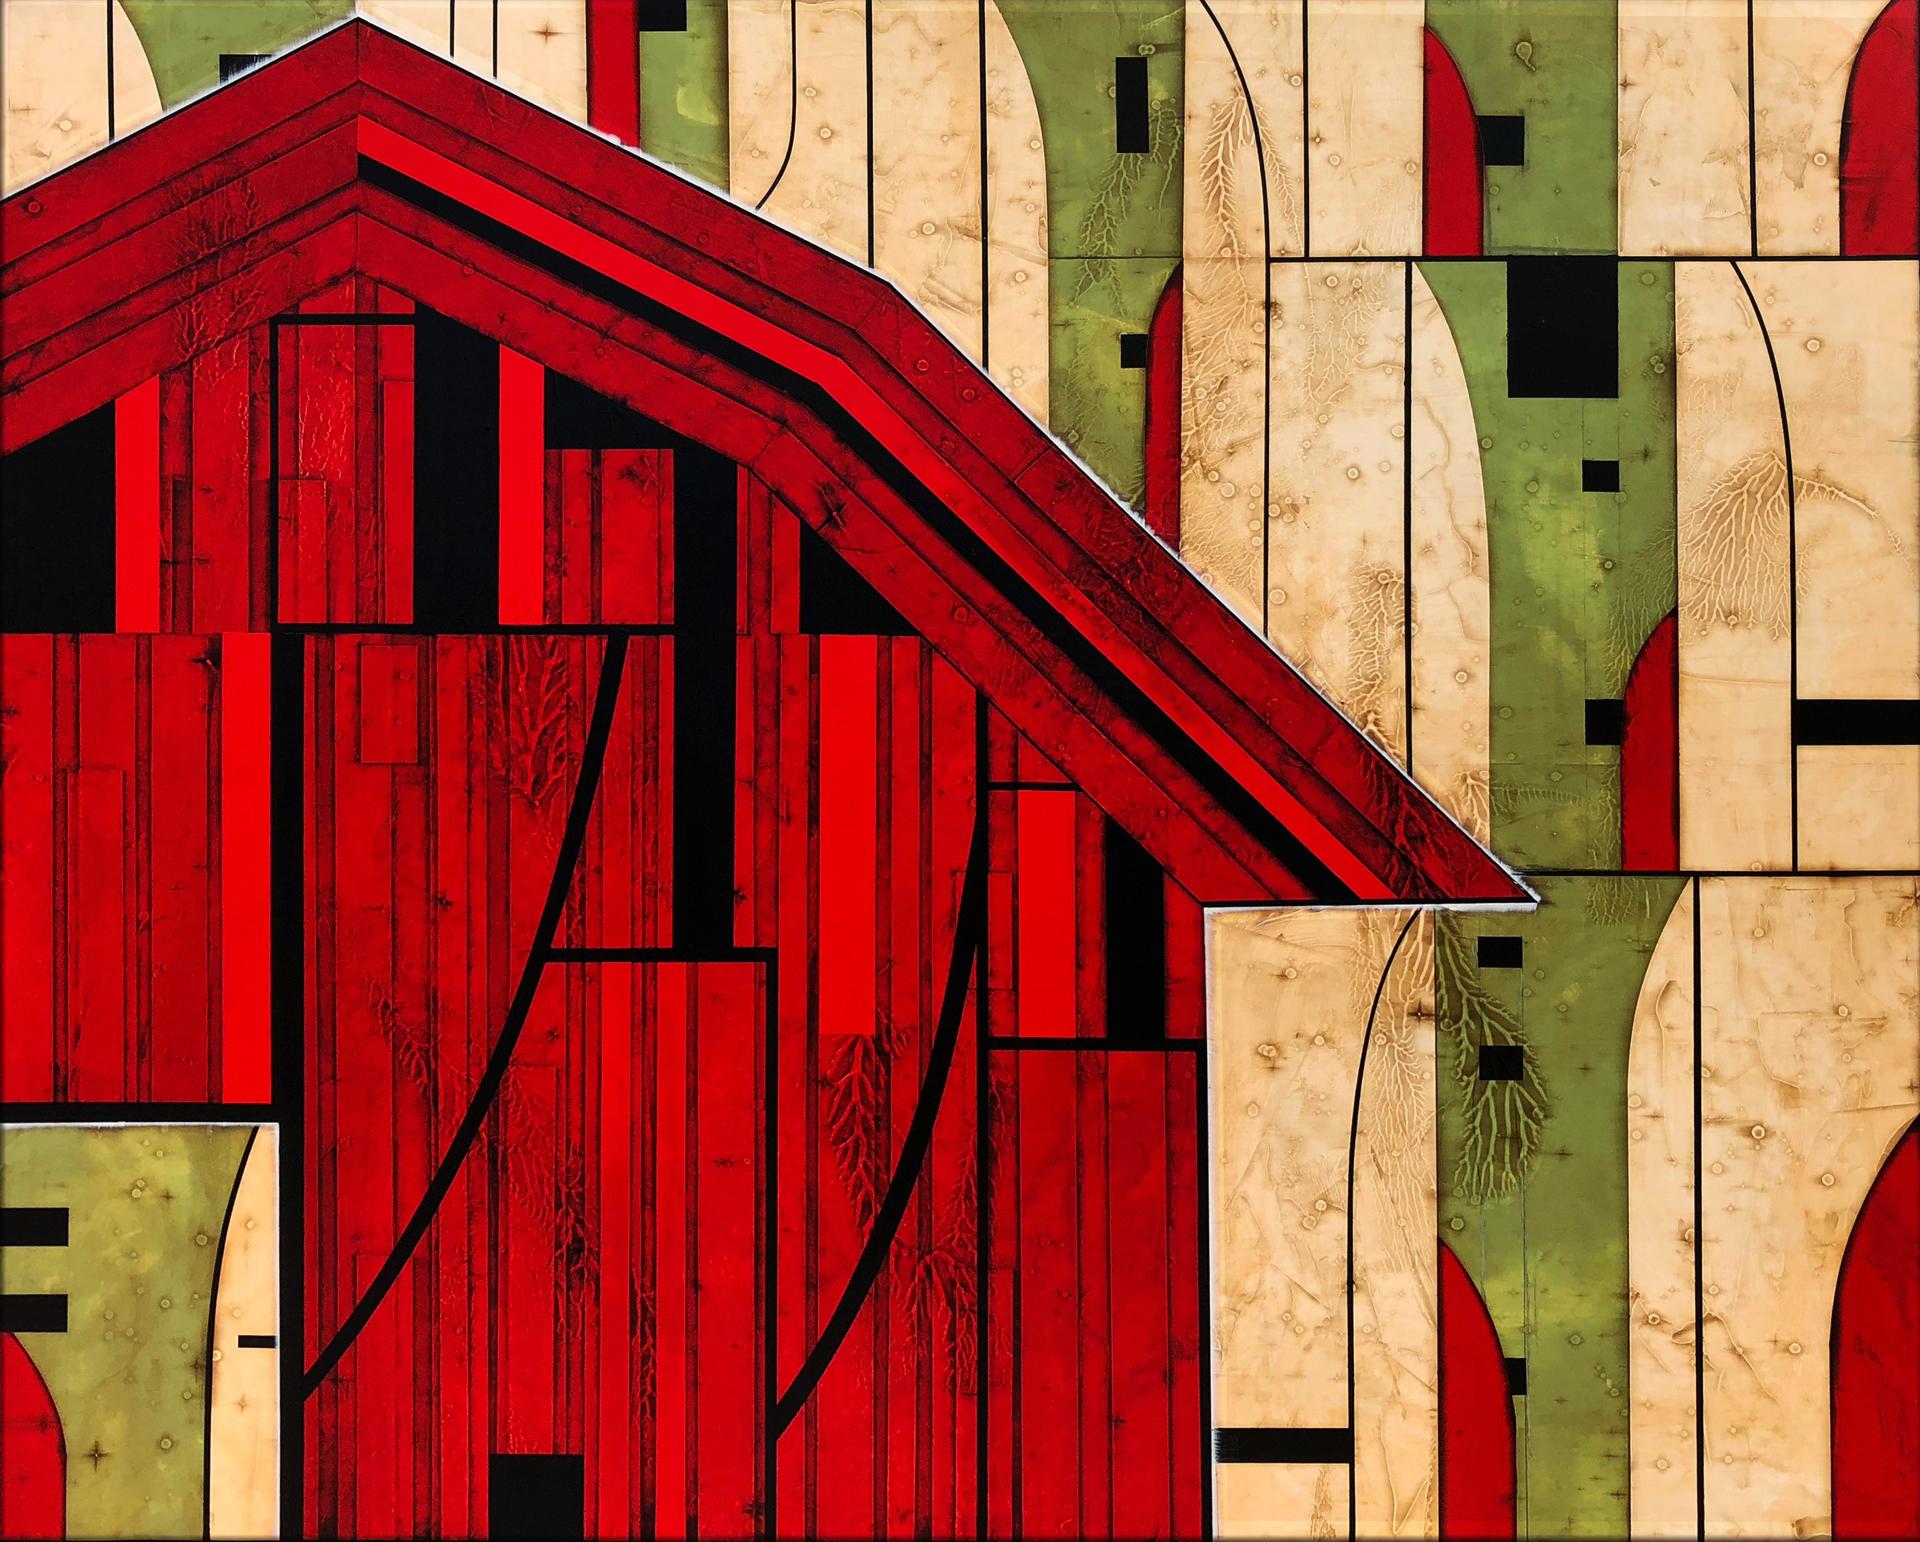 Kessler Red Barn small.jpg